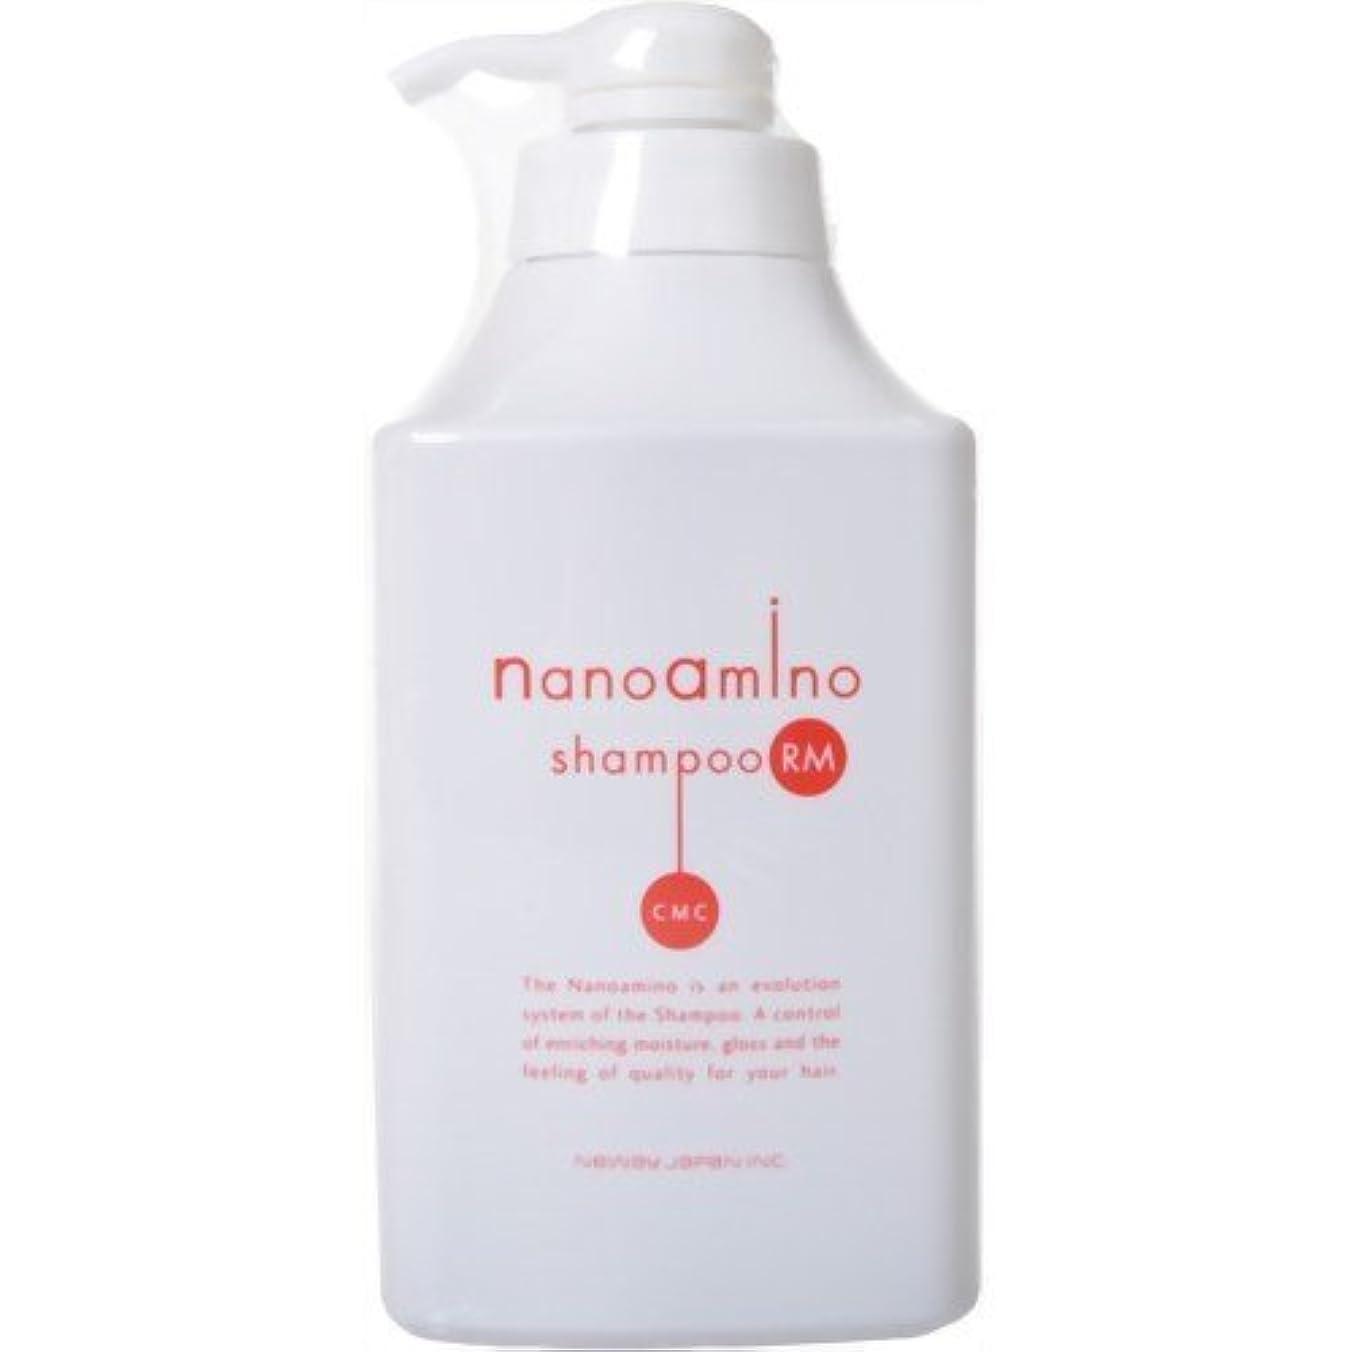 実用的型抵抗力があるニューウェイジャパン ナノアミノ シャンプー RM 1000ml